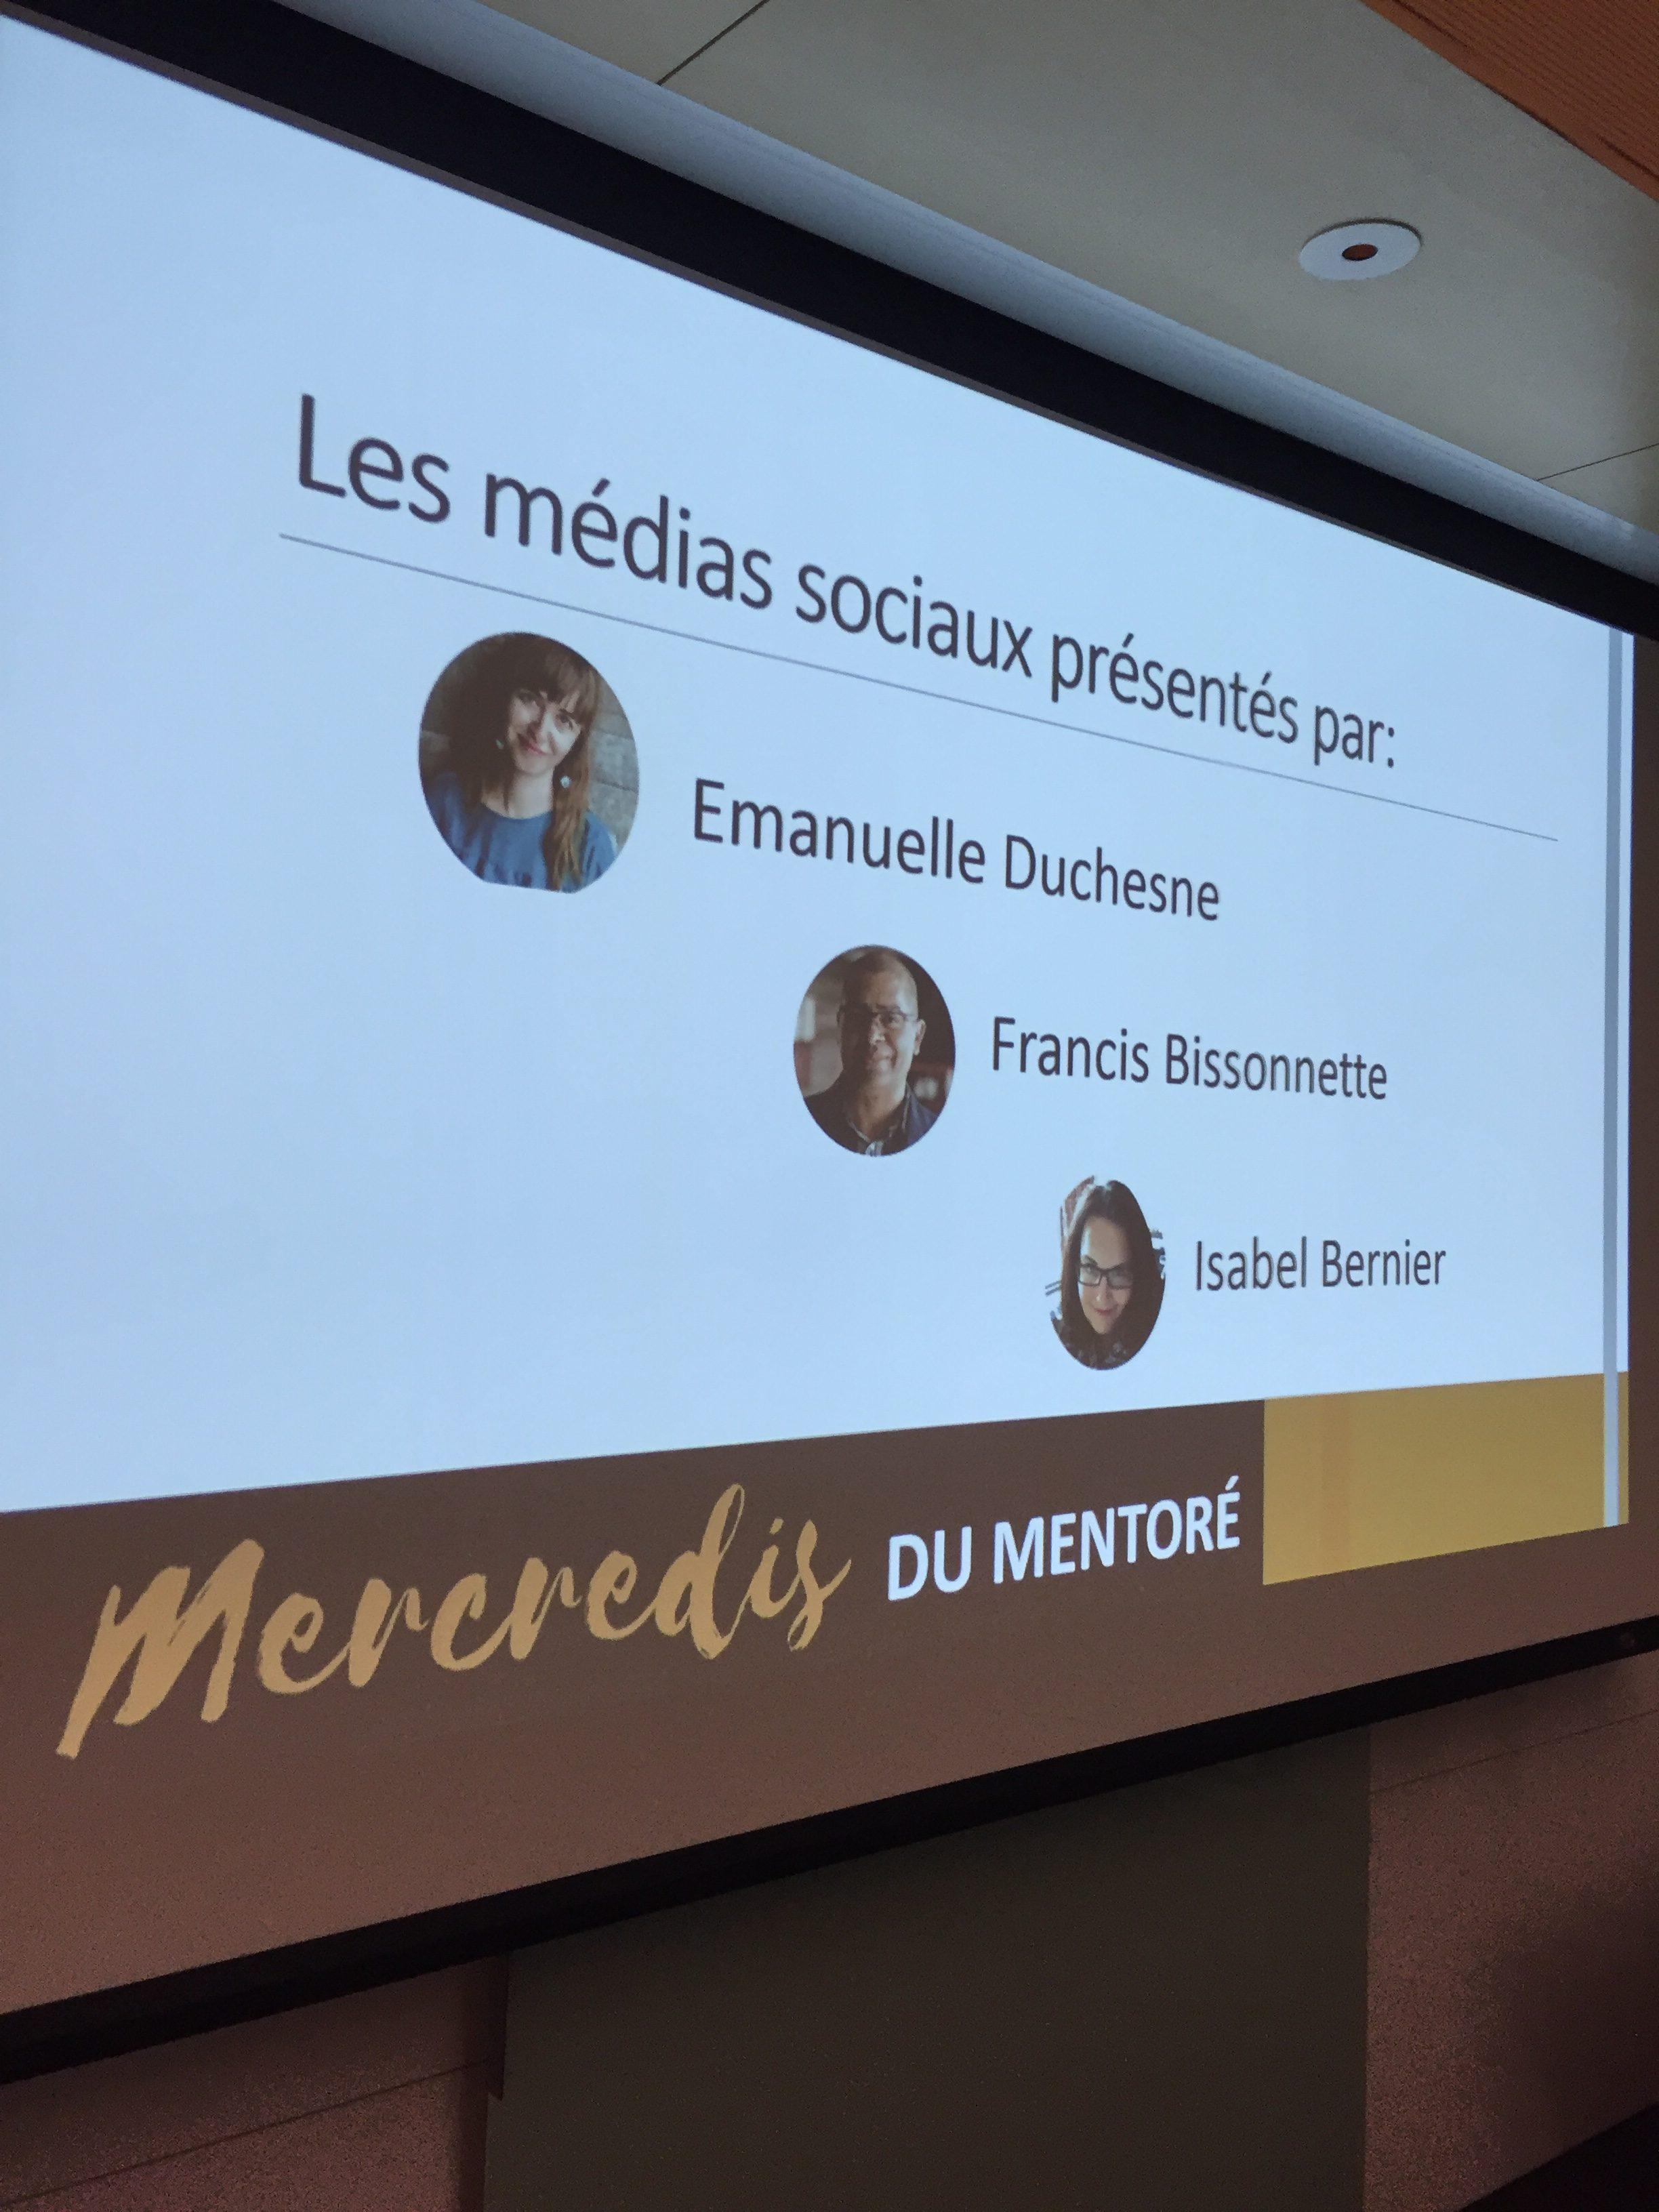 réseaux sociaux Sim5 Francis Bissonnette